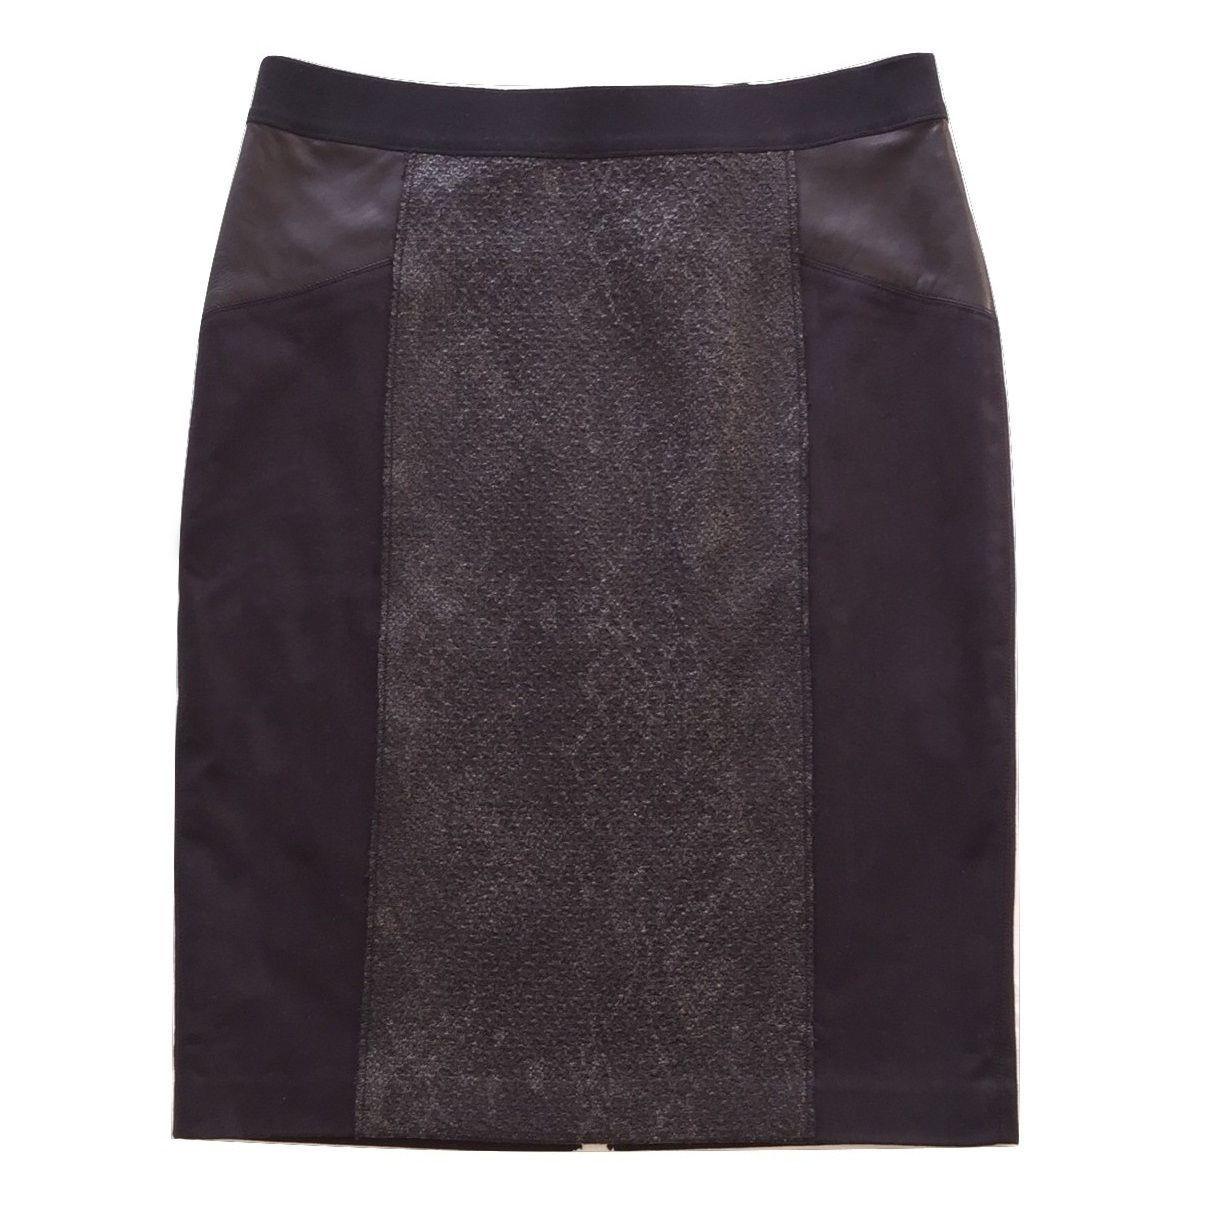 """NWT $348 ELIE TAHARI Black """"Valeria"""" Pencil Skirt w/ Lamb Leather Panel Size 6/8 - $85.00"""